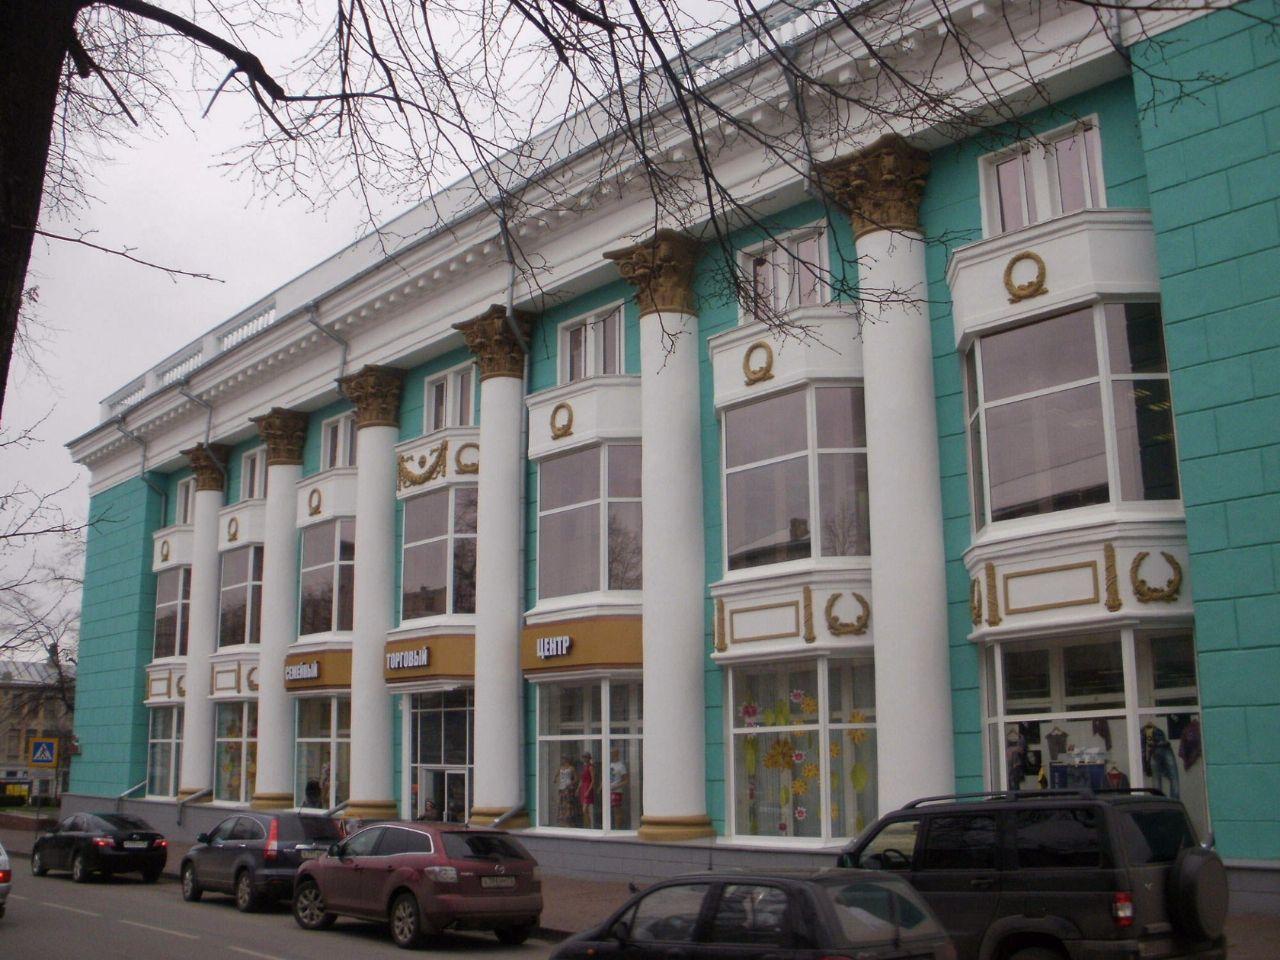 Коммерческая недвижимость в городе семей поиск помещения под офис Овражная улица